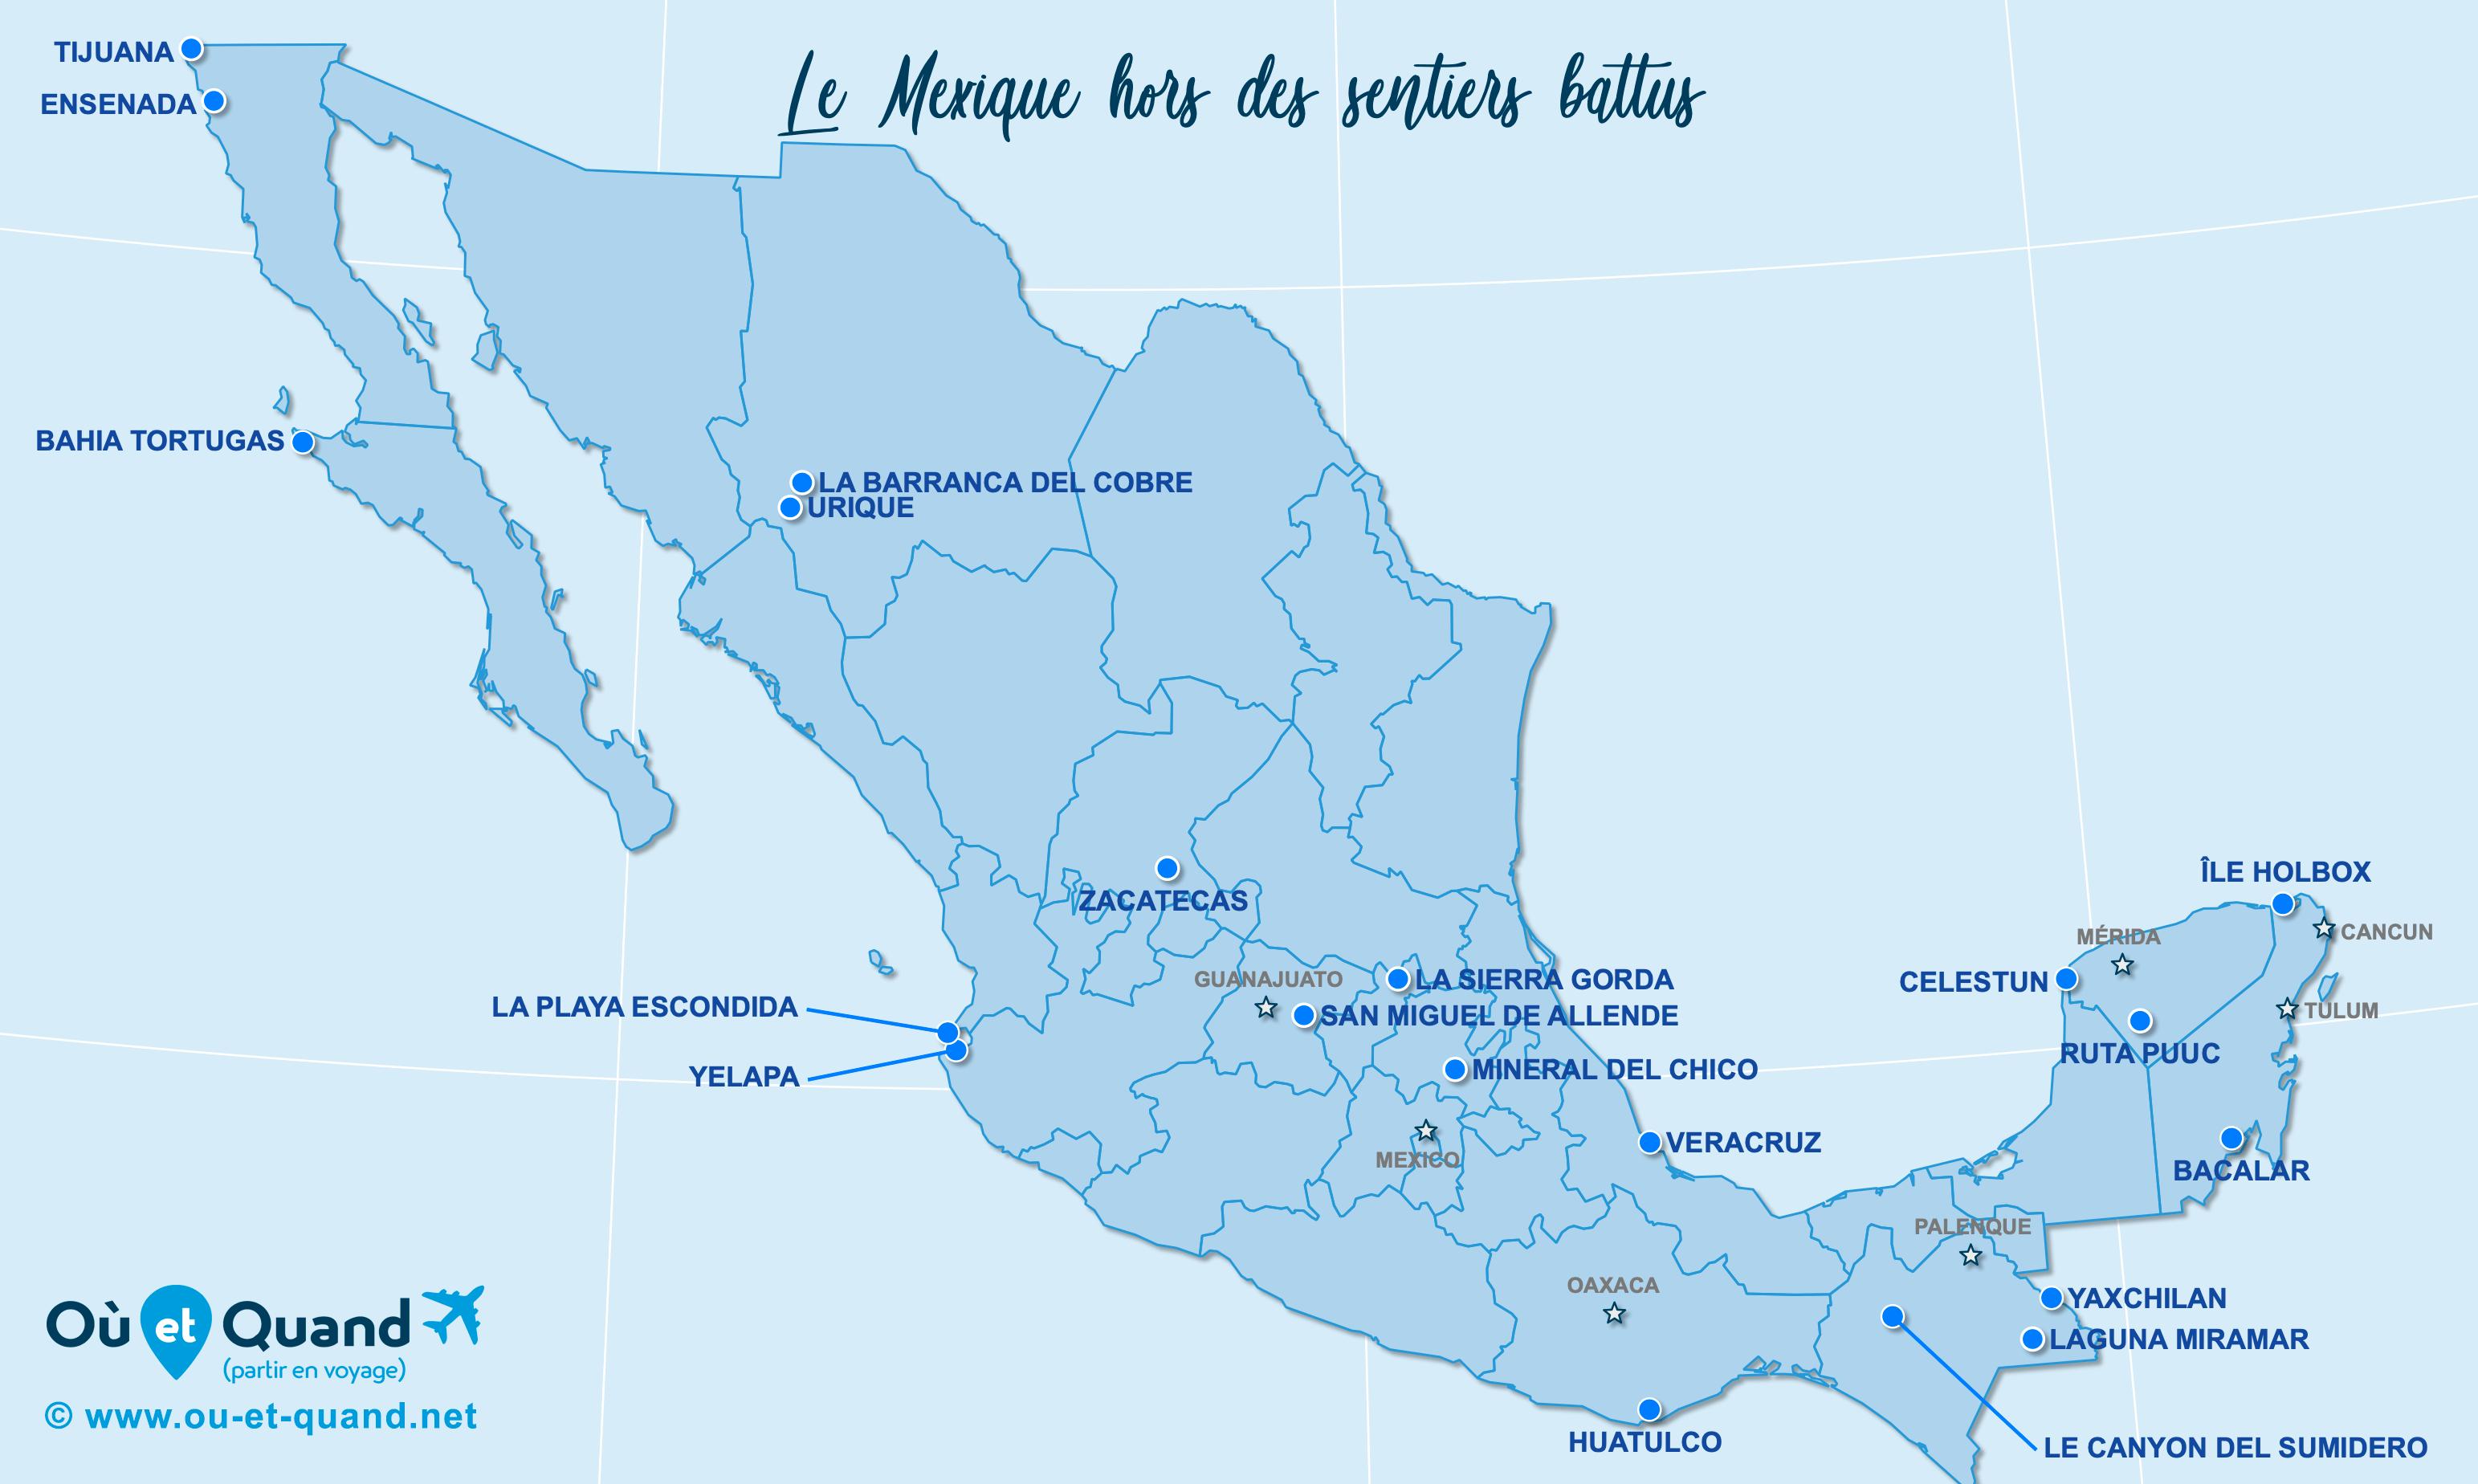 Carte Mexique : Le Mexique hors des sentiers battus